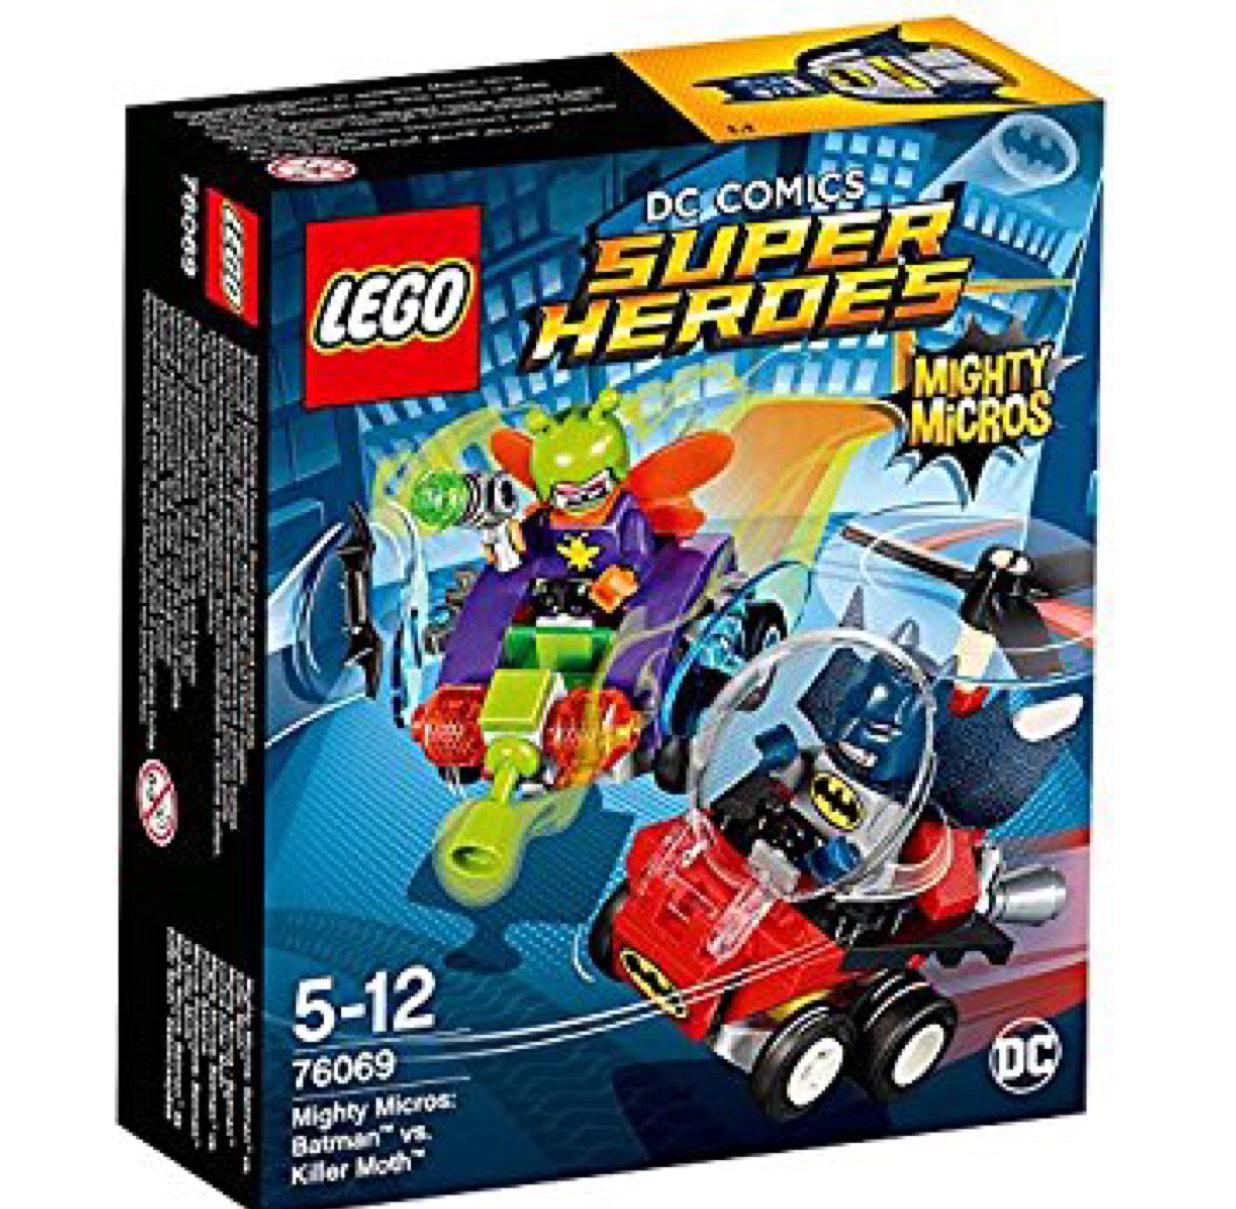 Lego 76069 - DC Comics Super Heroes Mighty Micros: Batman vs.Killer Moth £4.50 @ Sainsbury's instore